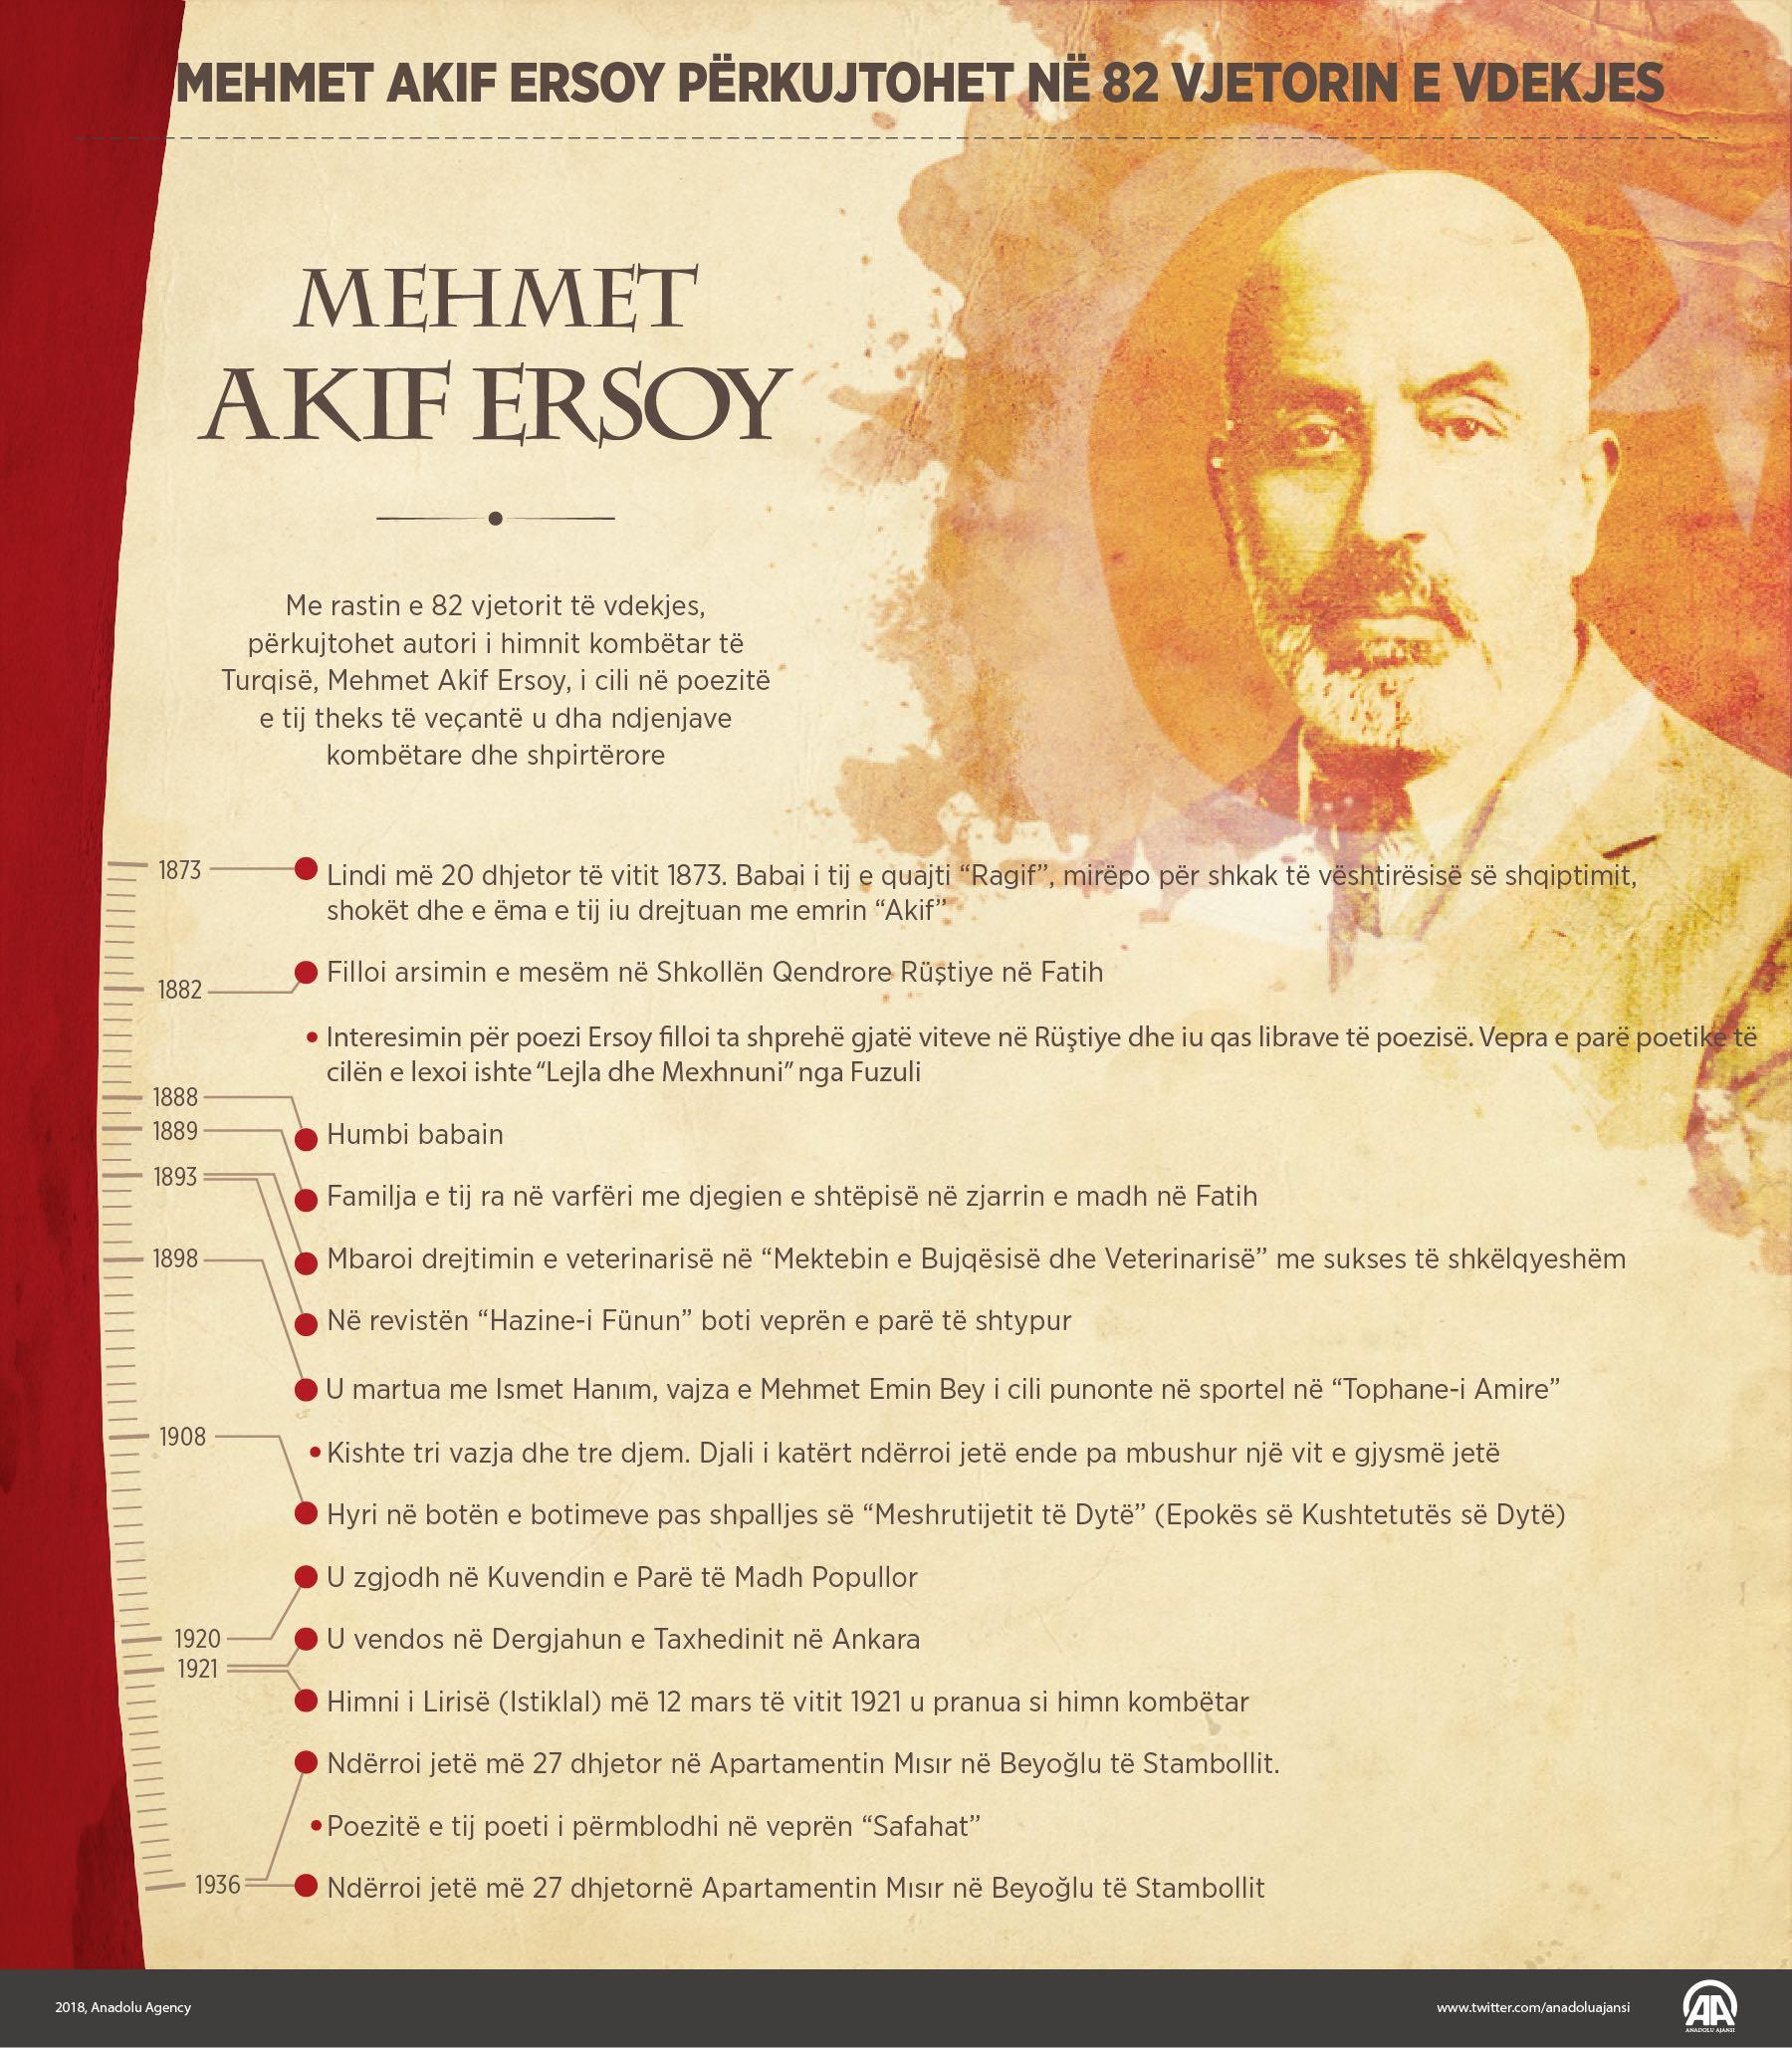 Büyük dava adamı Mehmet Akif Ersoy arn